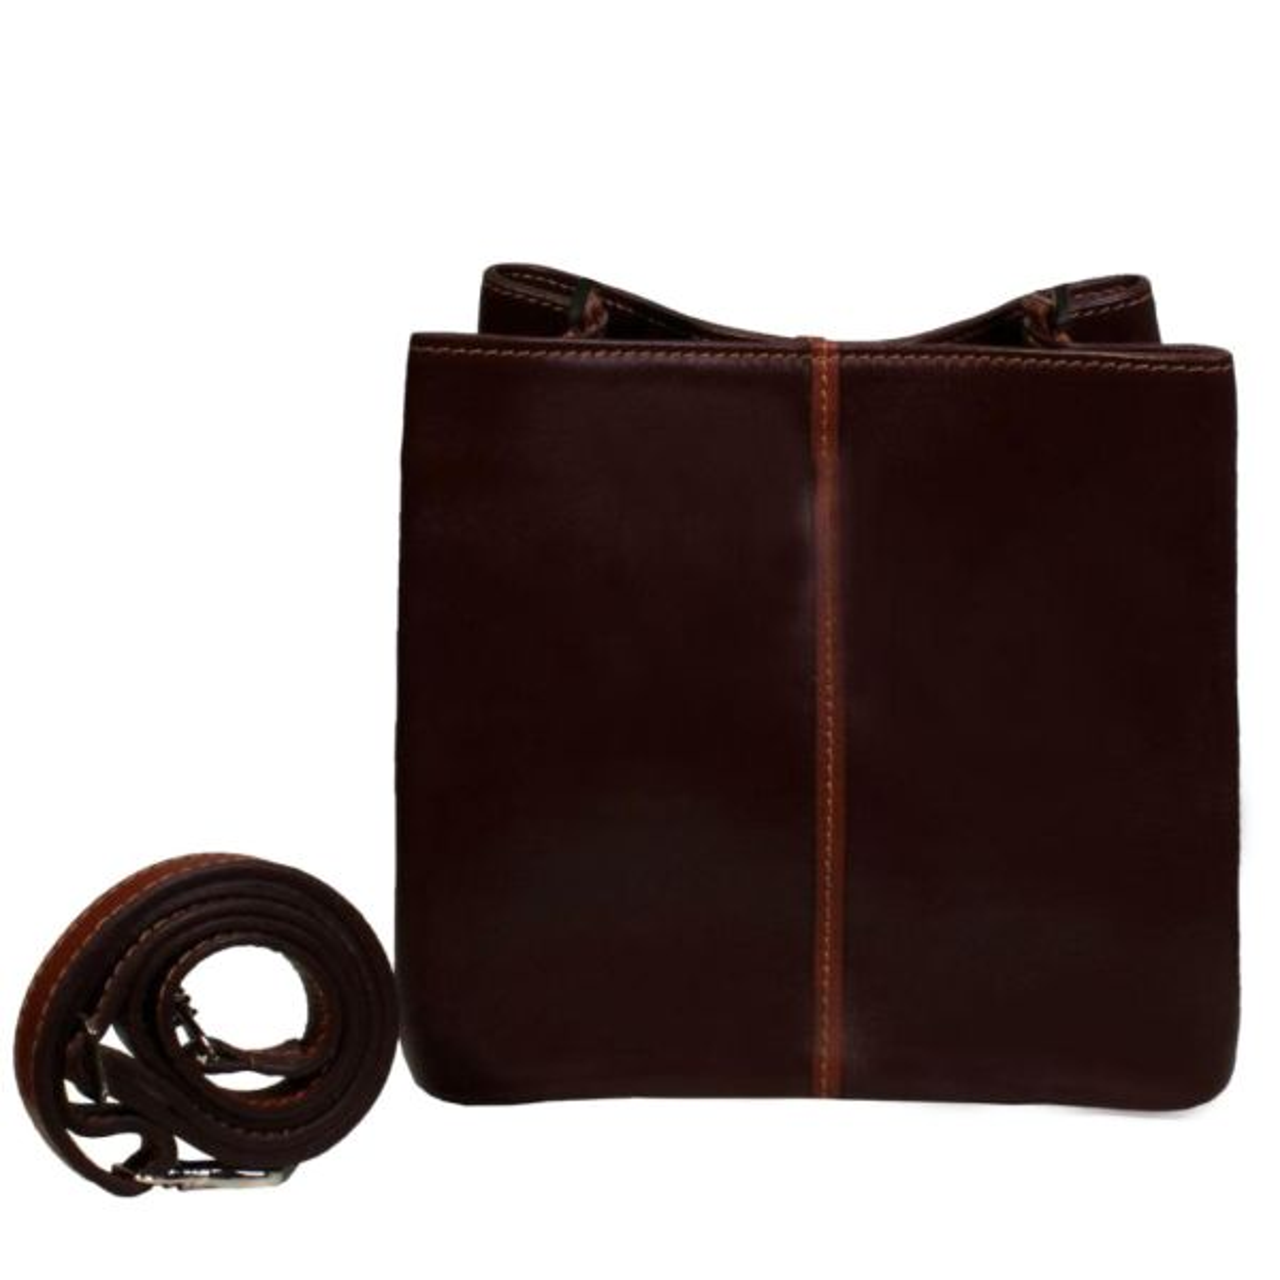 کیف دستی چرم طبیعی زنانه چرم ناب کد 201